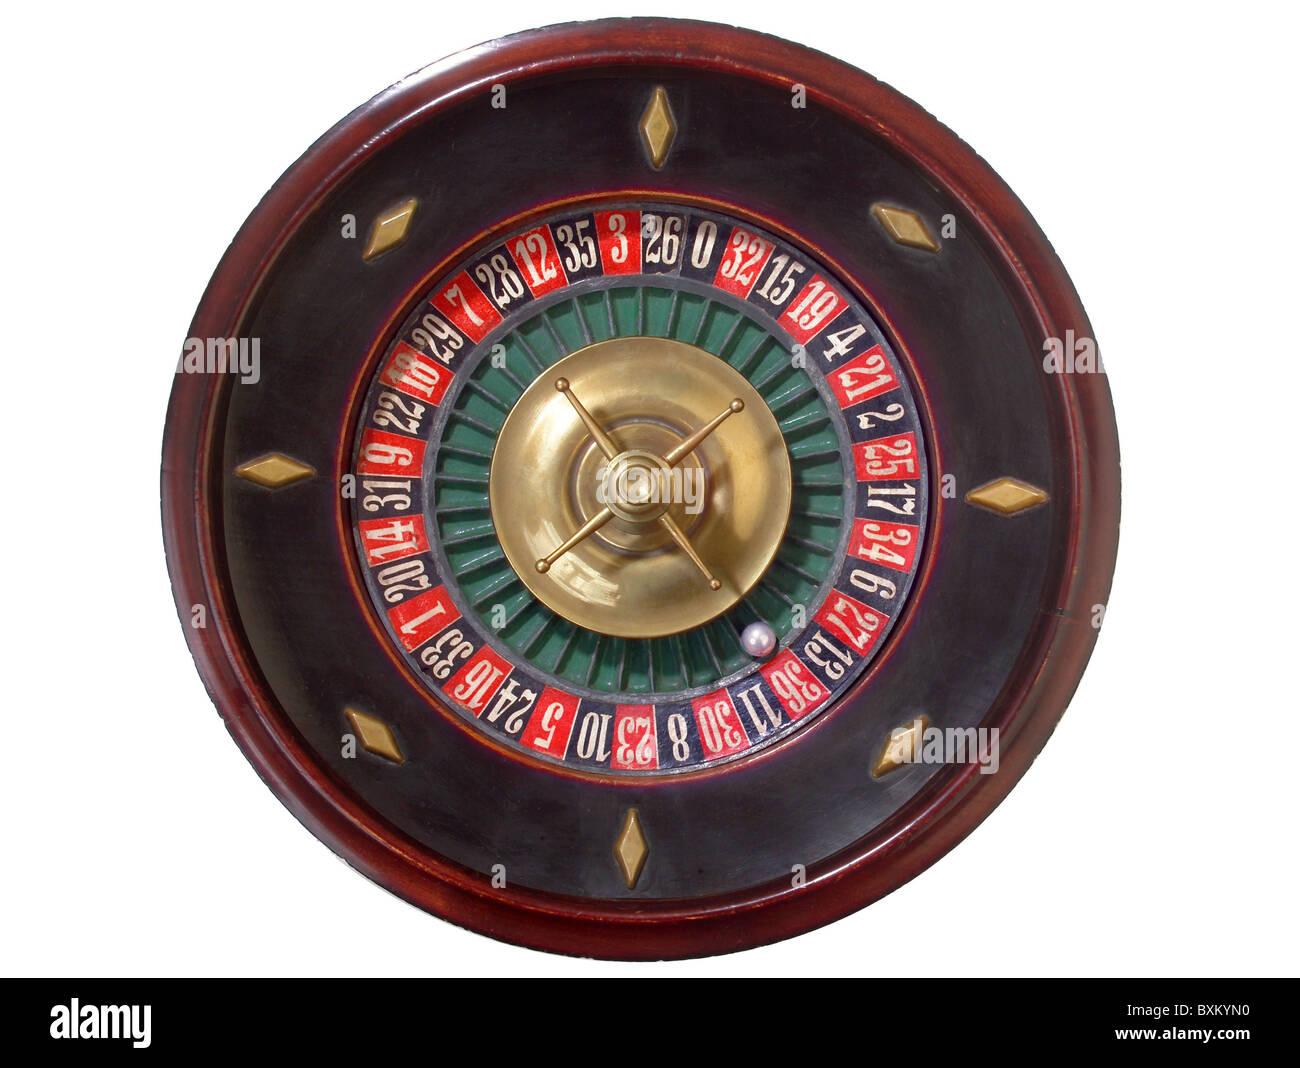 online casino deutschland roulette